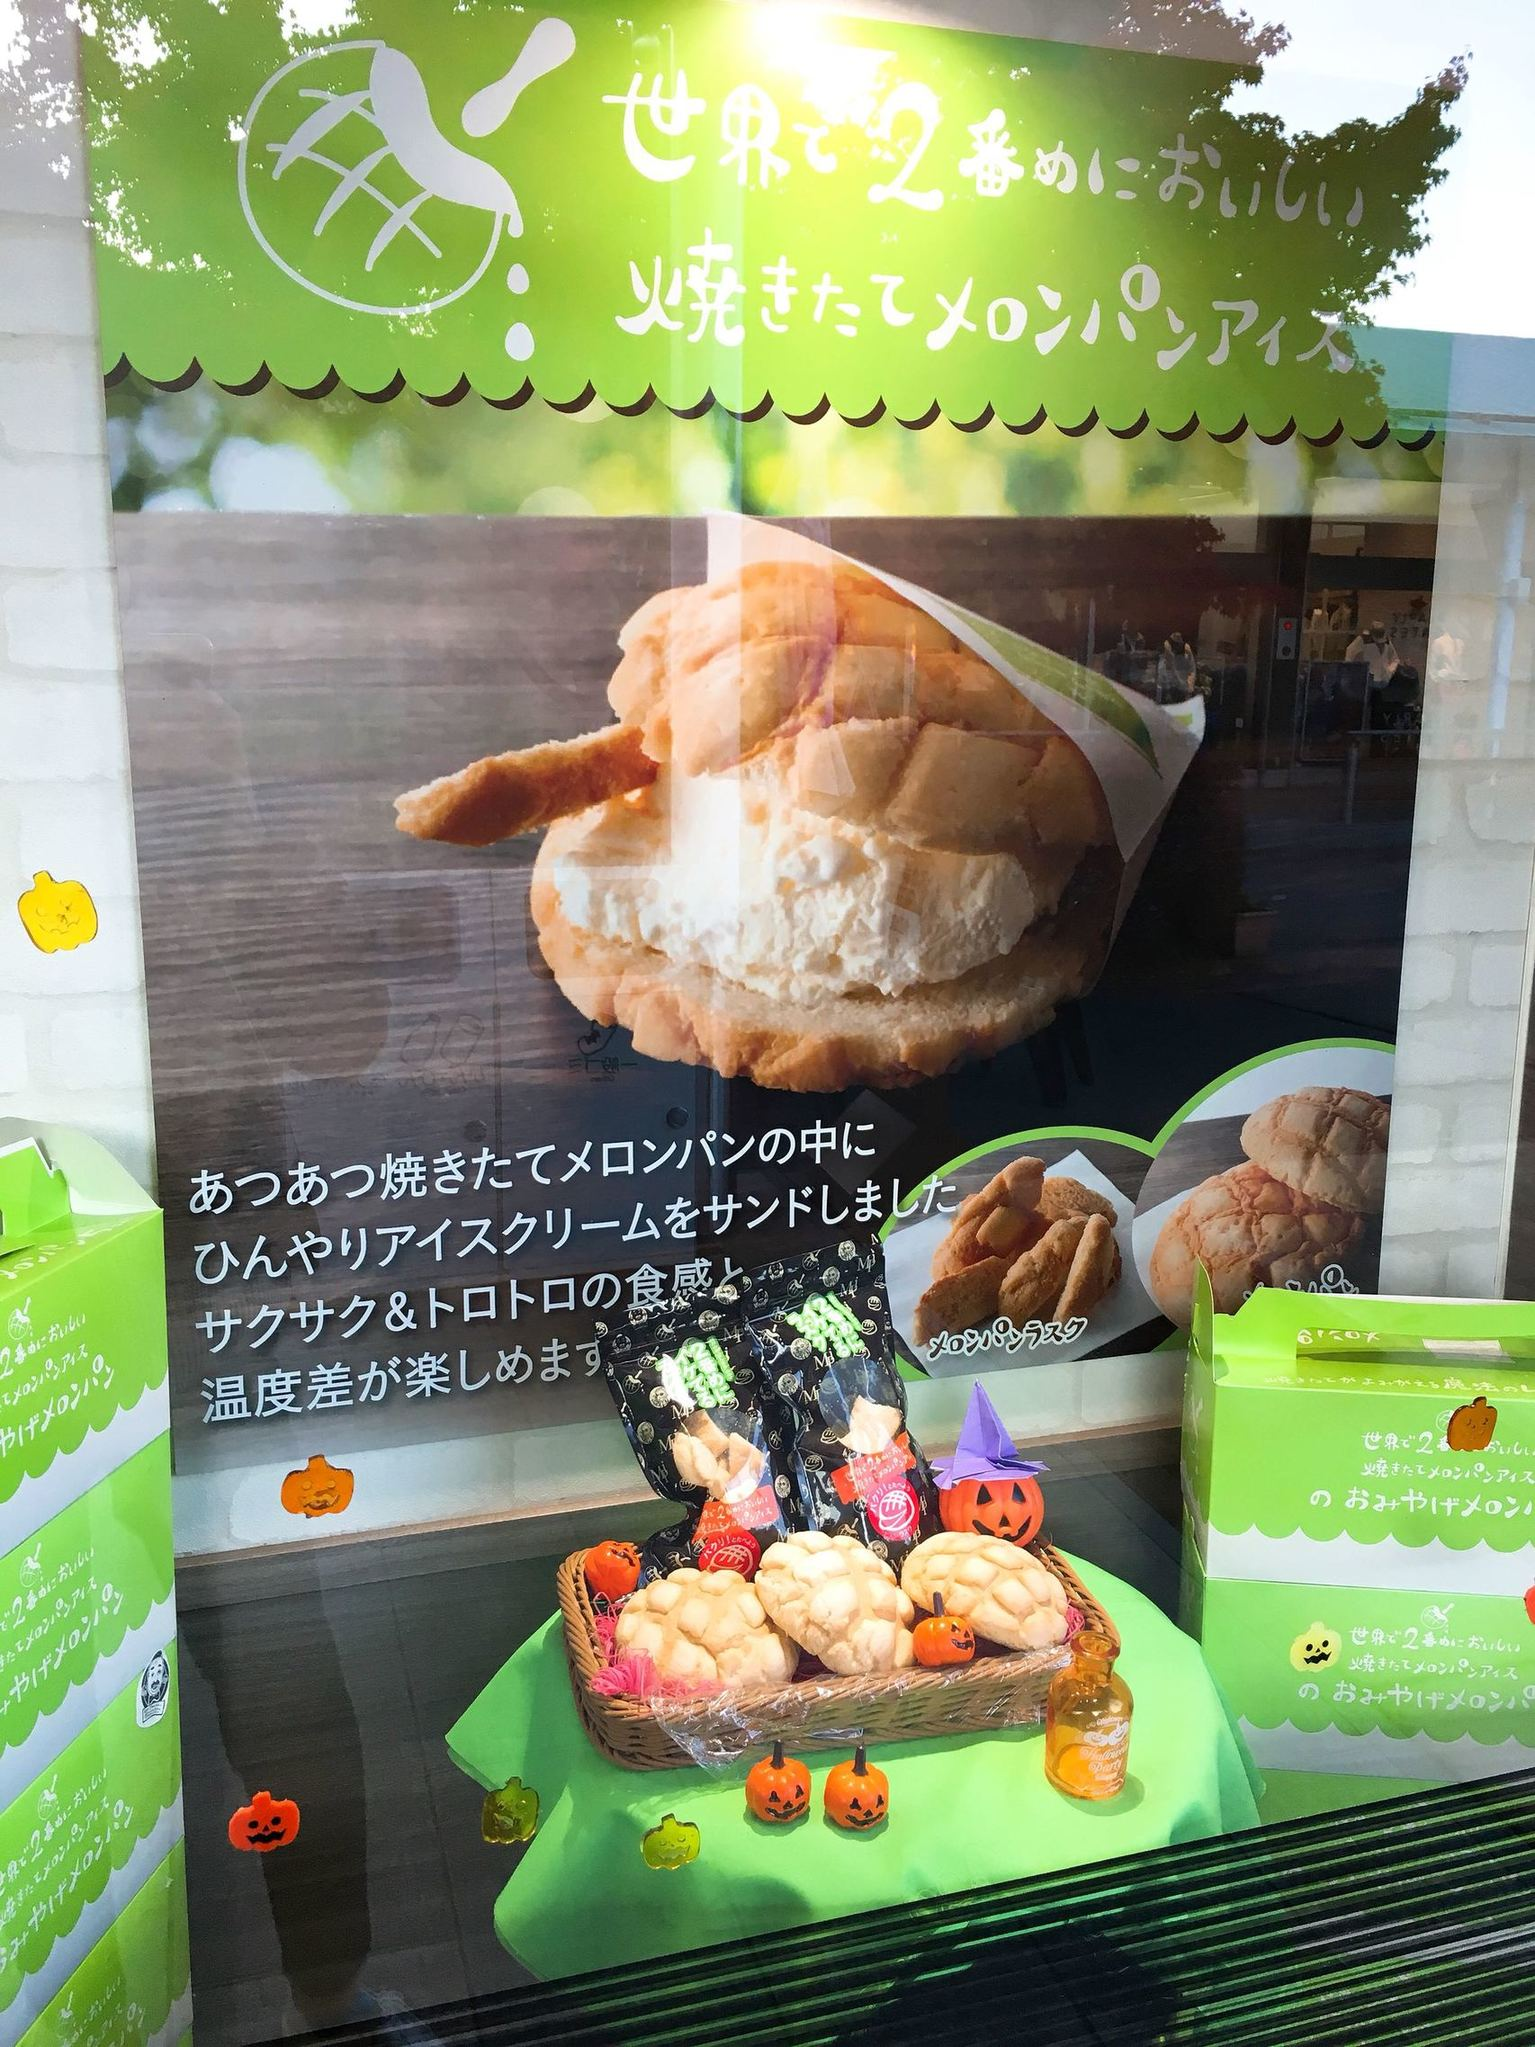 世界で2番めにおいしいメロンパンアイス  軽井沢プリンスショッピングプラザ店 name=